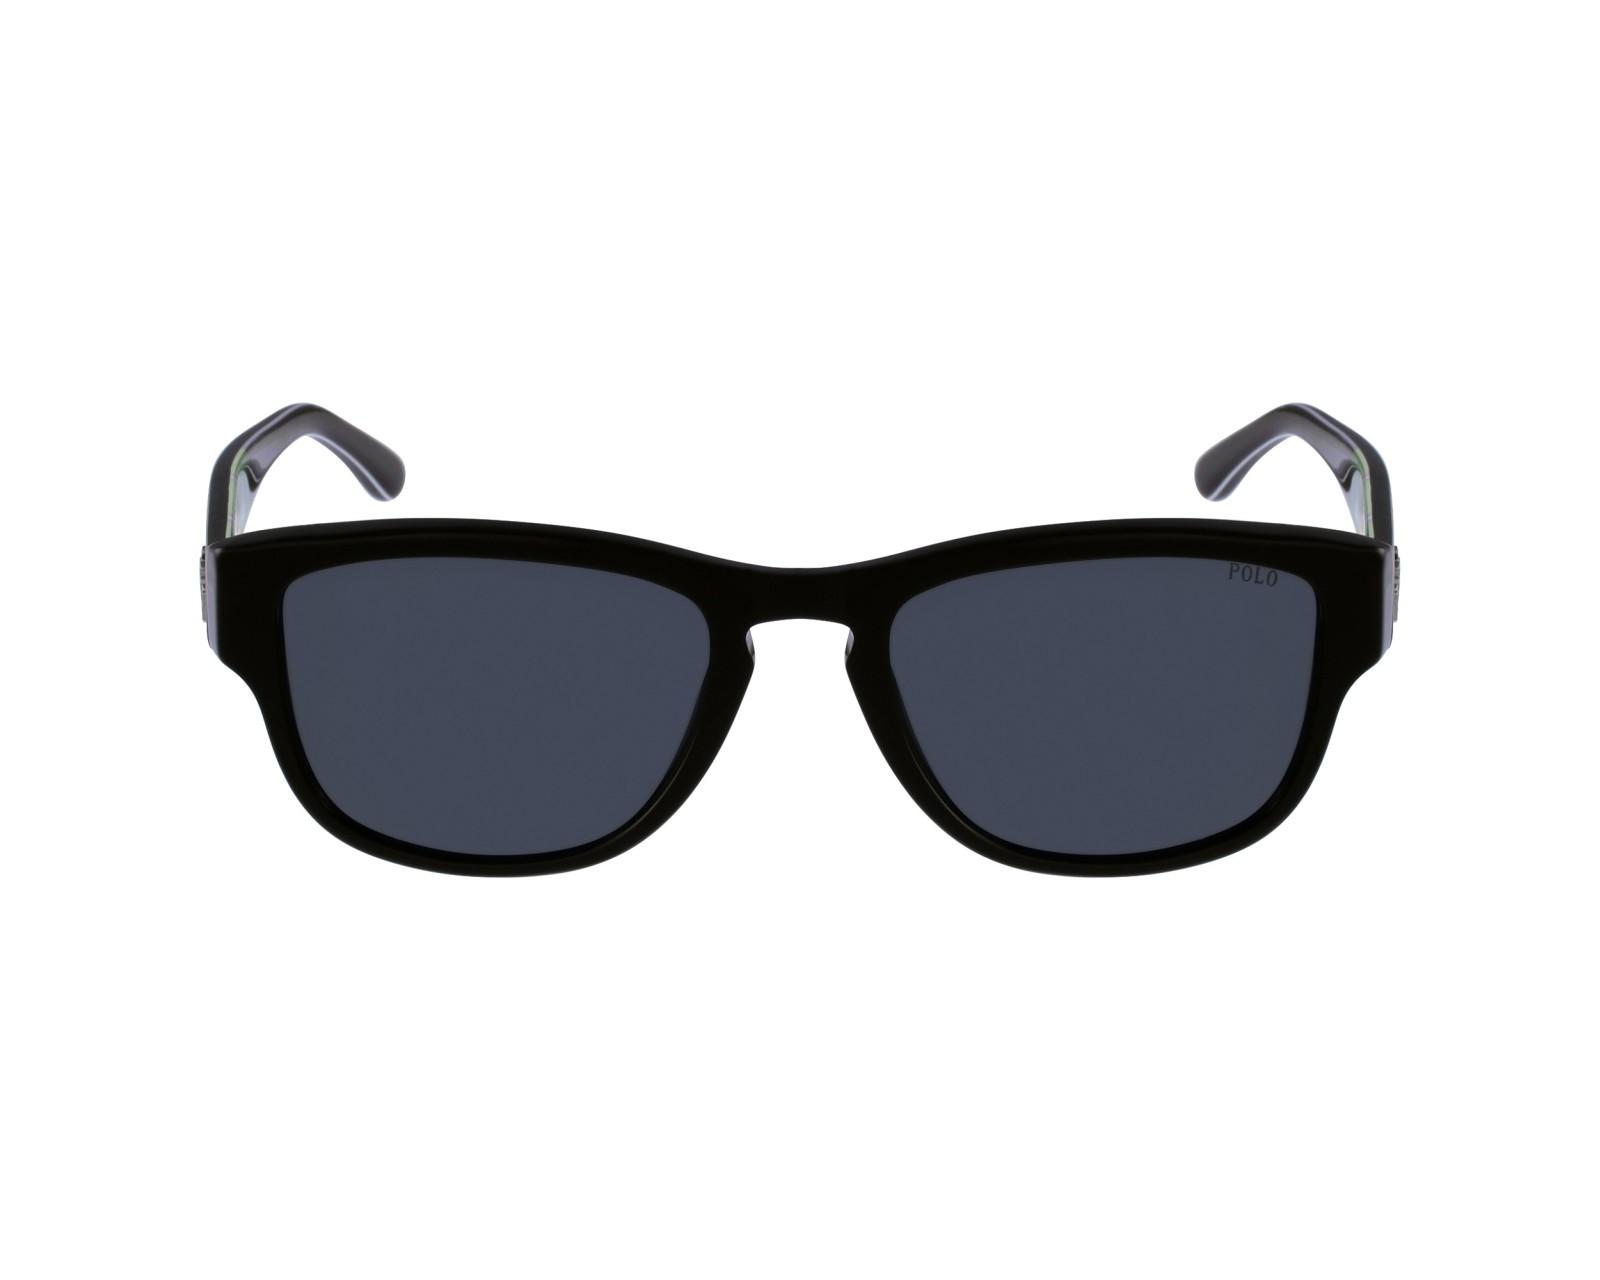 37bda8b2c538 lunettes de soleil polo ralph lauren ph 4086 545587 noir avec des verres  gris pour hommes